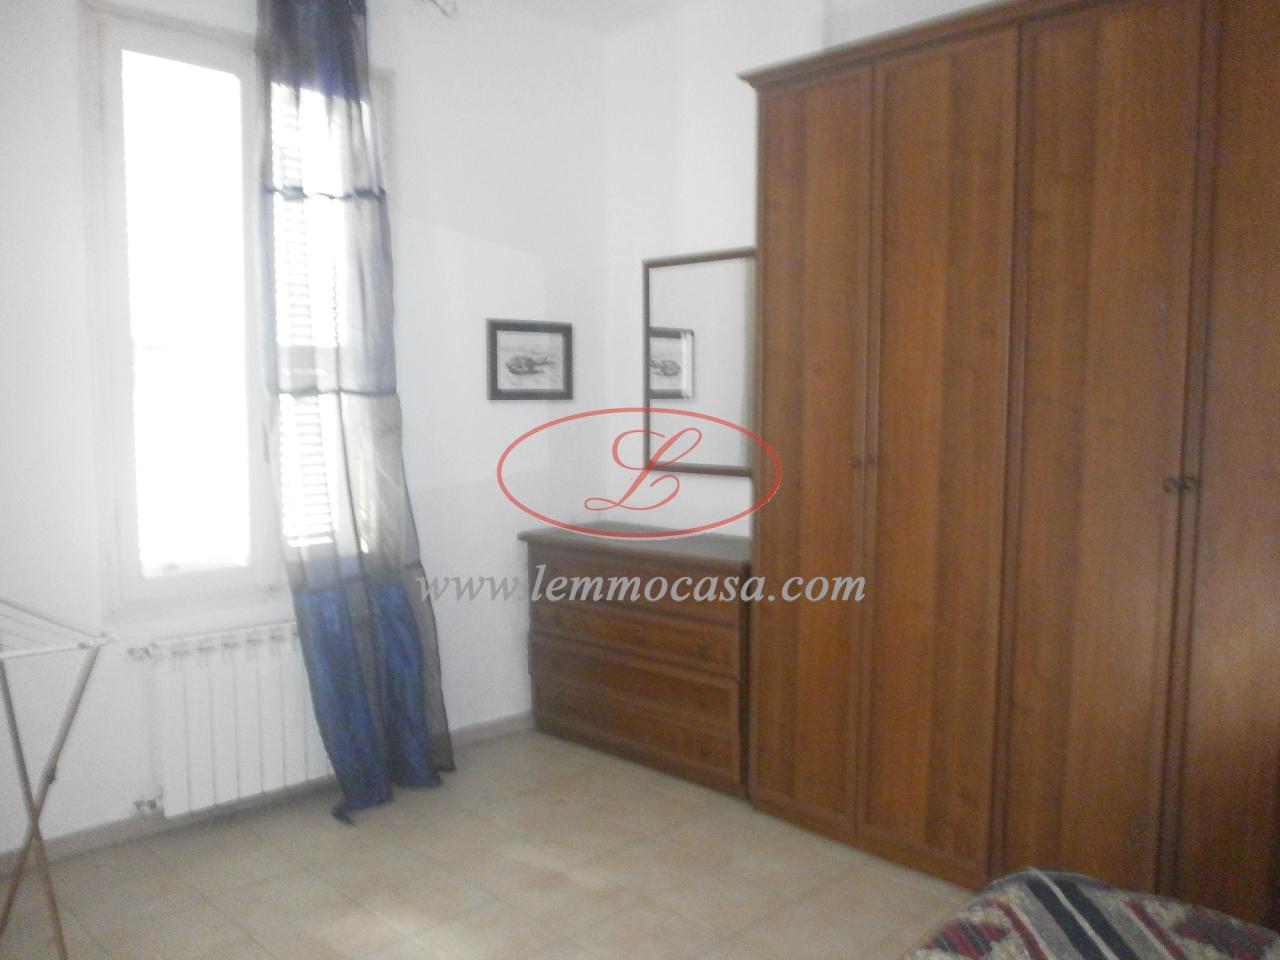 Bilocale Diano Castello Via Diano Castello 5